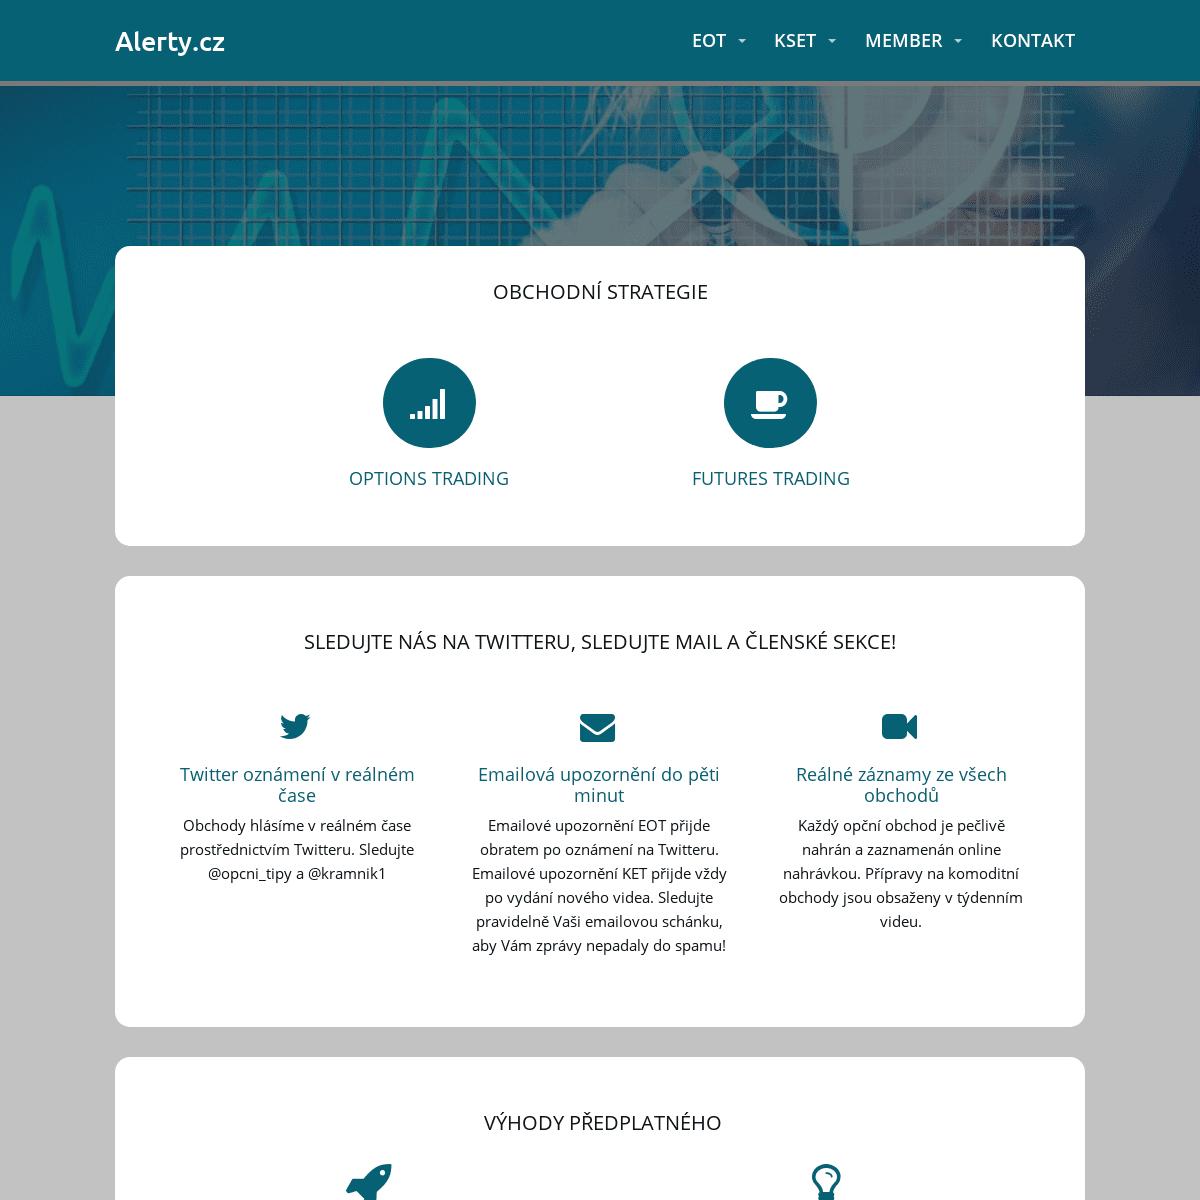 ArchiveBay.com - alerty.cz - alerty.cz - Nahlížejte přes rameno profesionálům!